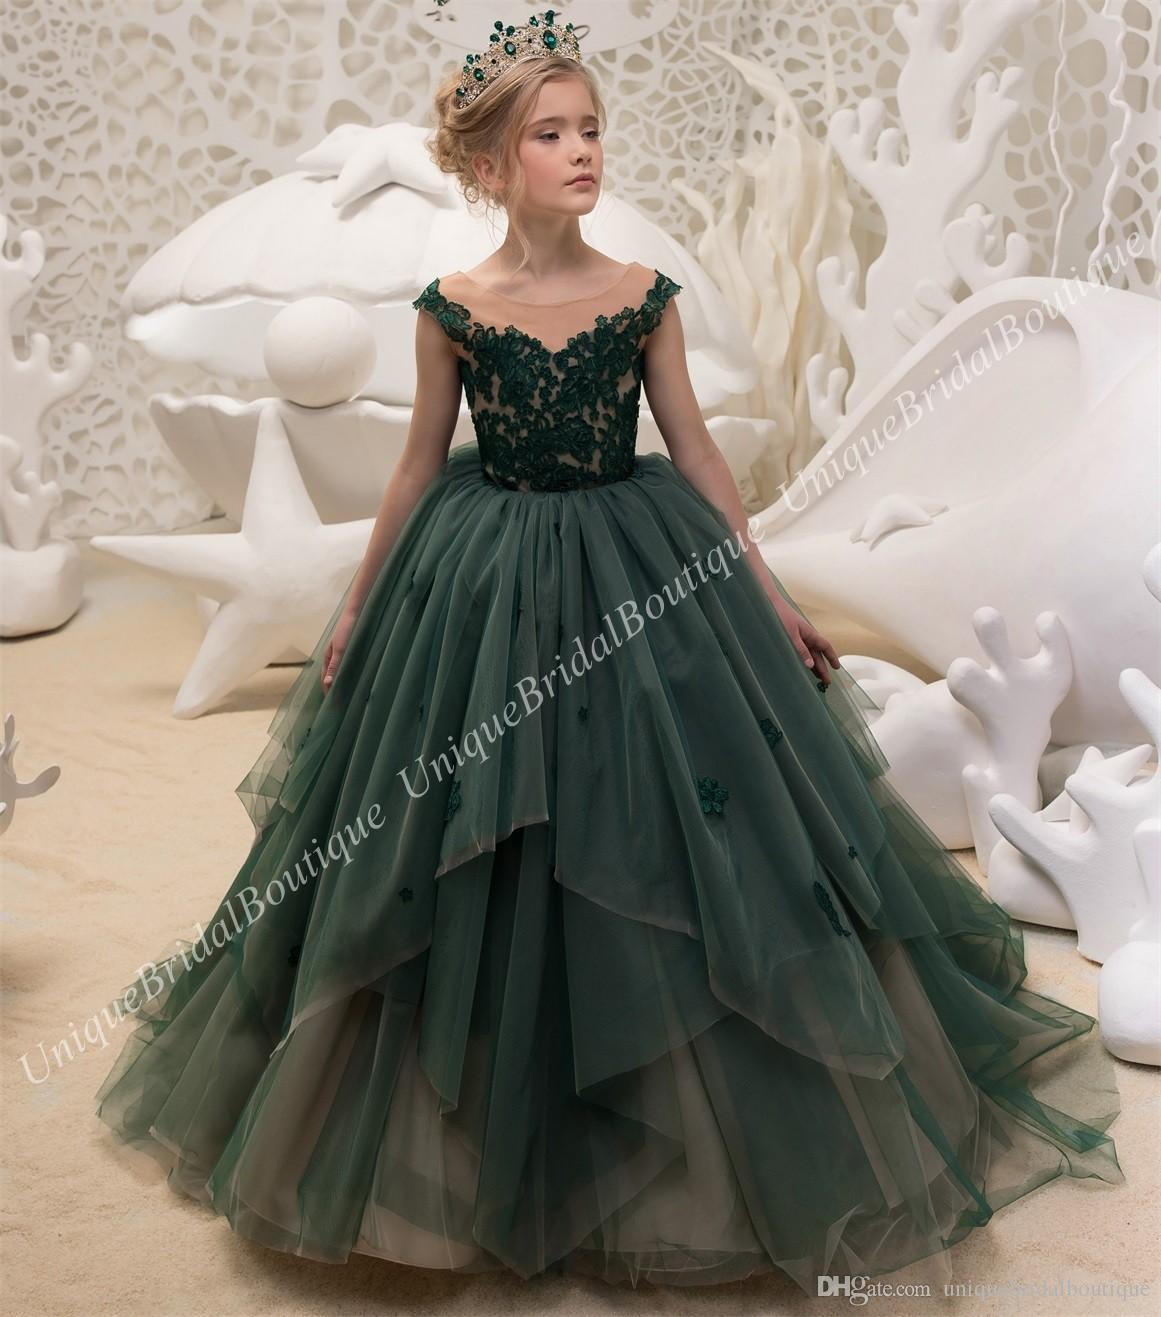 d6e5c9c9203b1 Acheter Émeraude Vert Fille De Fleur Robes 2018 Anniversaire De Mariage  Demoiselle D honneur De Vacances En Dentelle Petites Filles Habillement  Habillé Robe ...